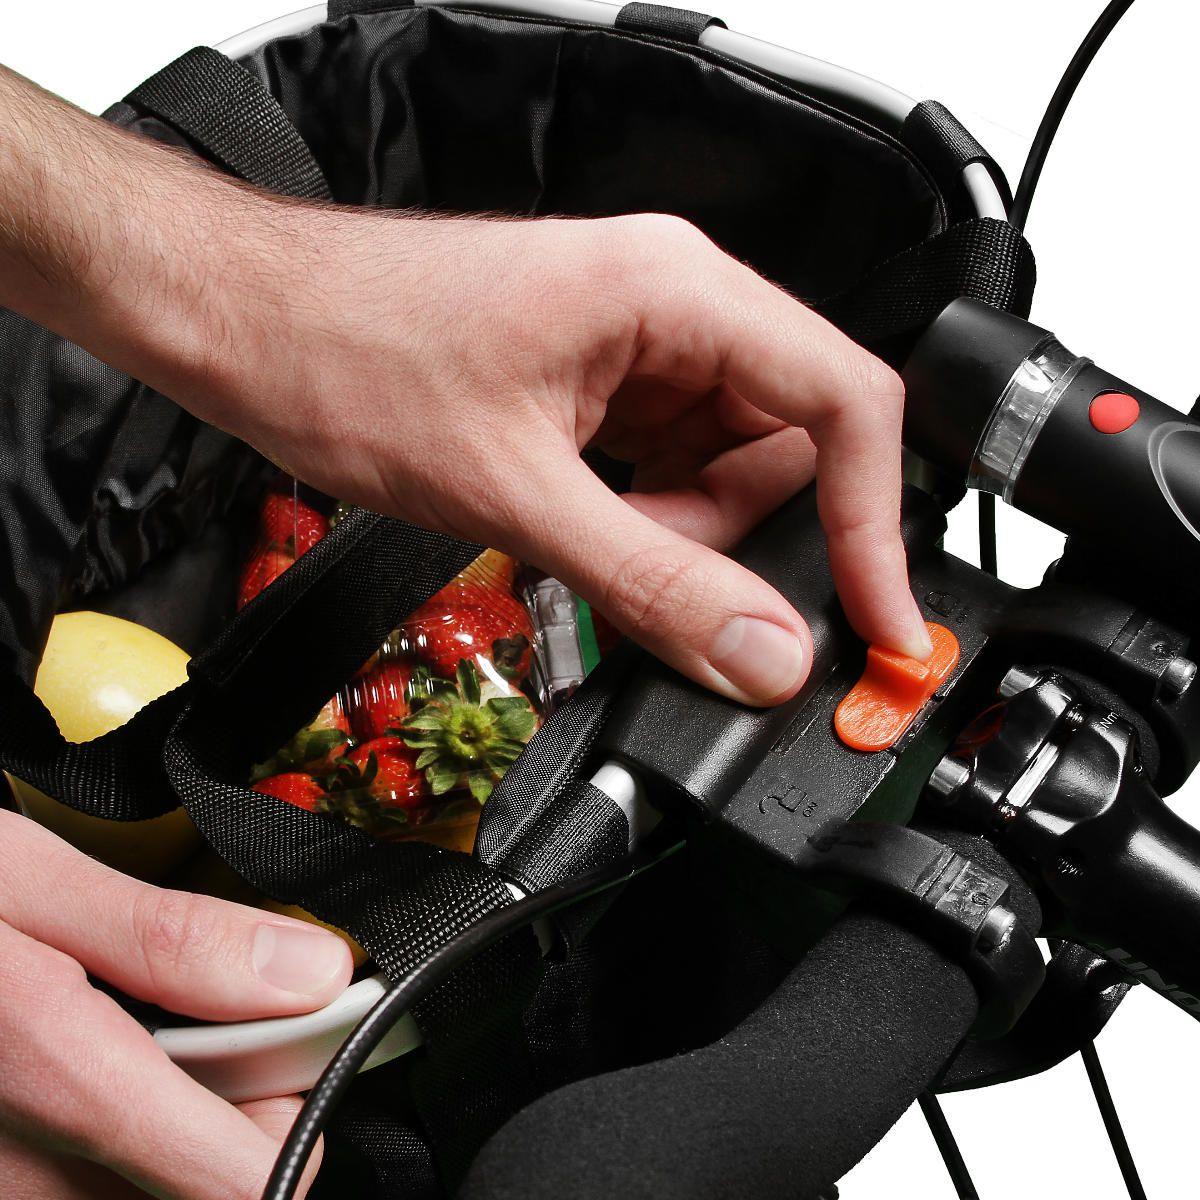 Bicicleta Master Bike Aro 29 Urbis Freio à Disco 3 V Nexus C/ Cesta Preto